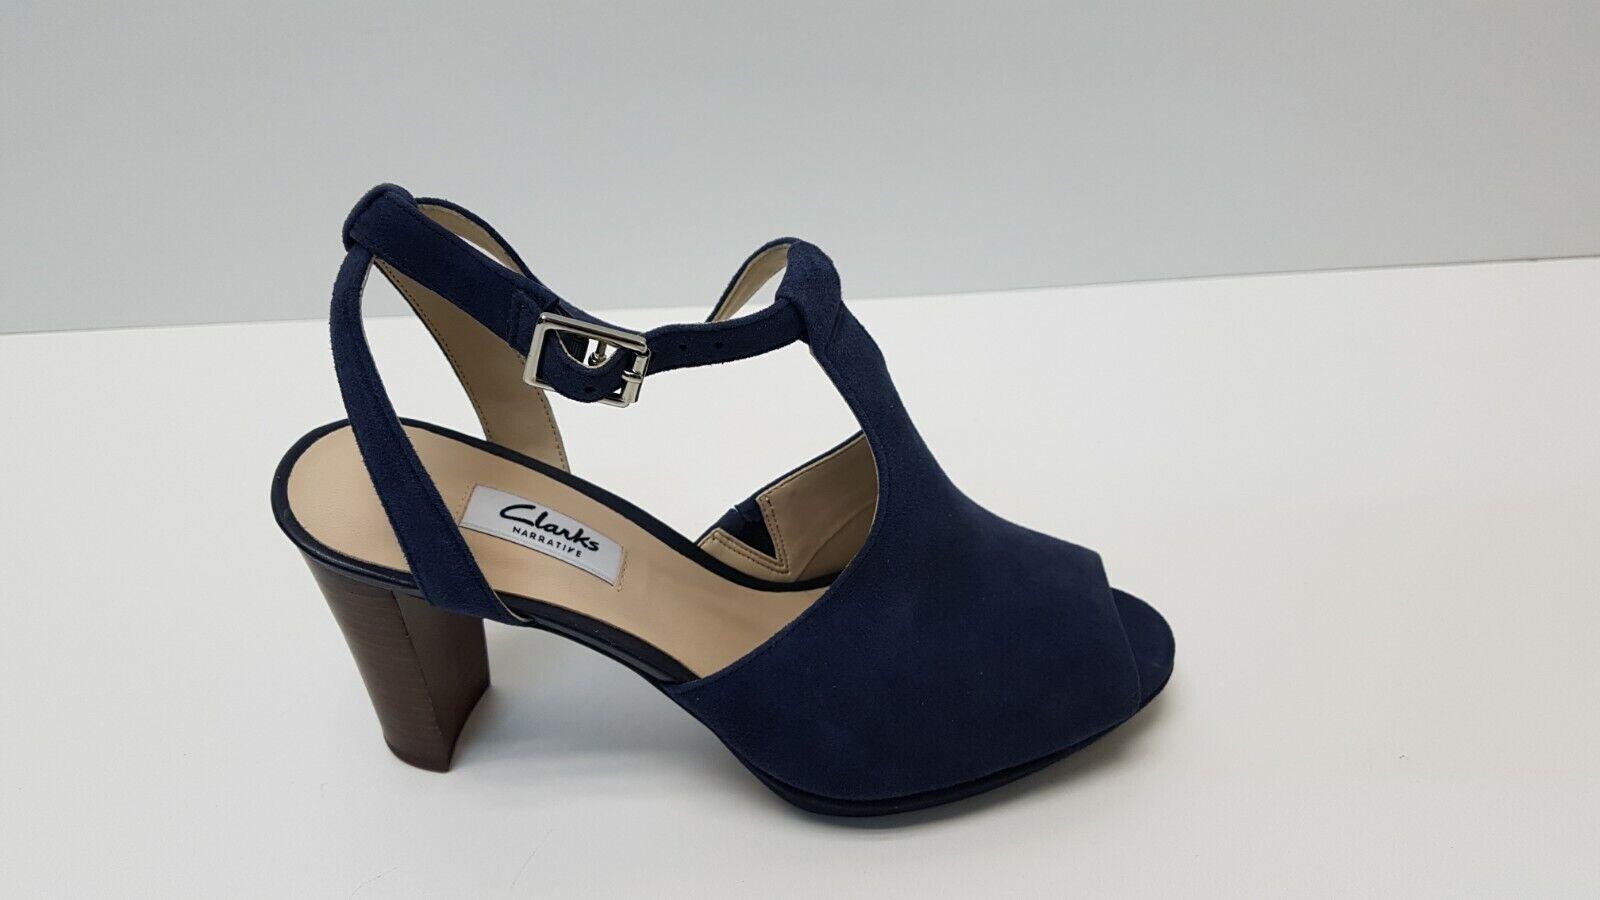 Clarks Kendra Kendra Kendra charm señora zapato pumps azul 39,5 (3042)  el estilo clásico